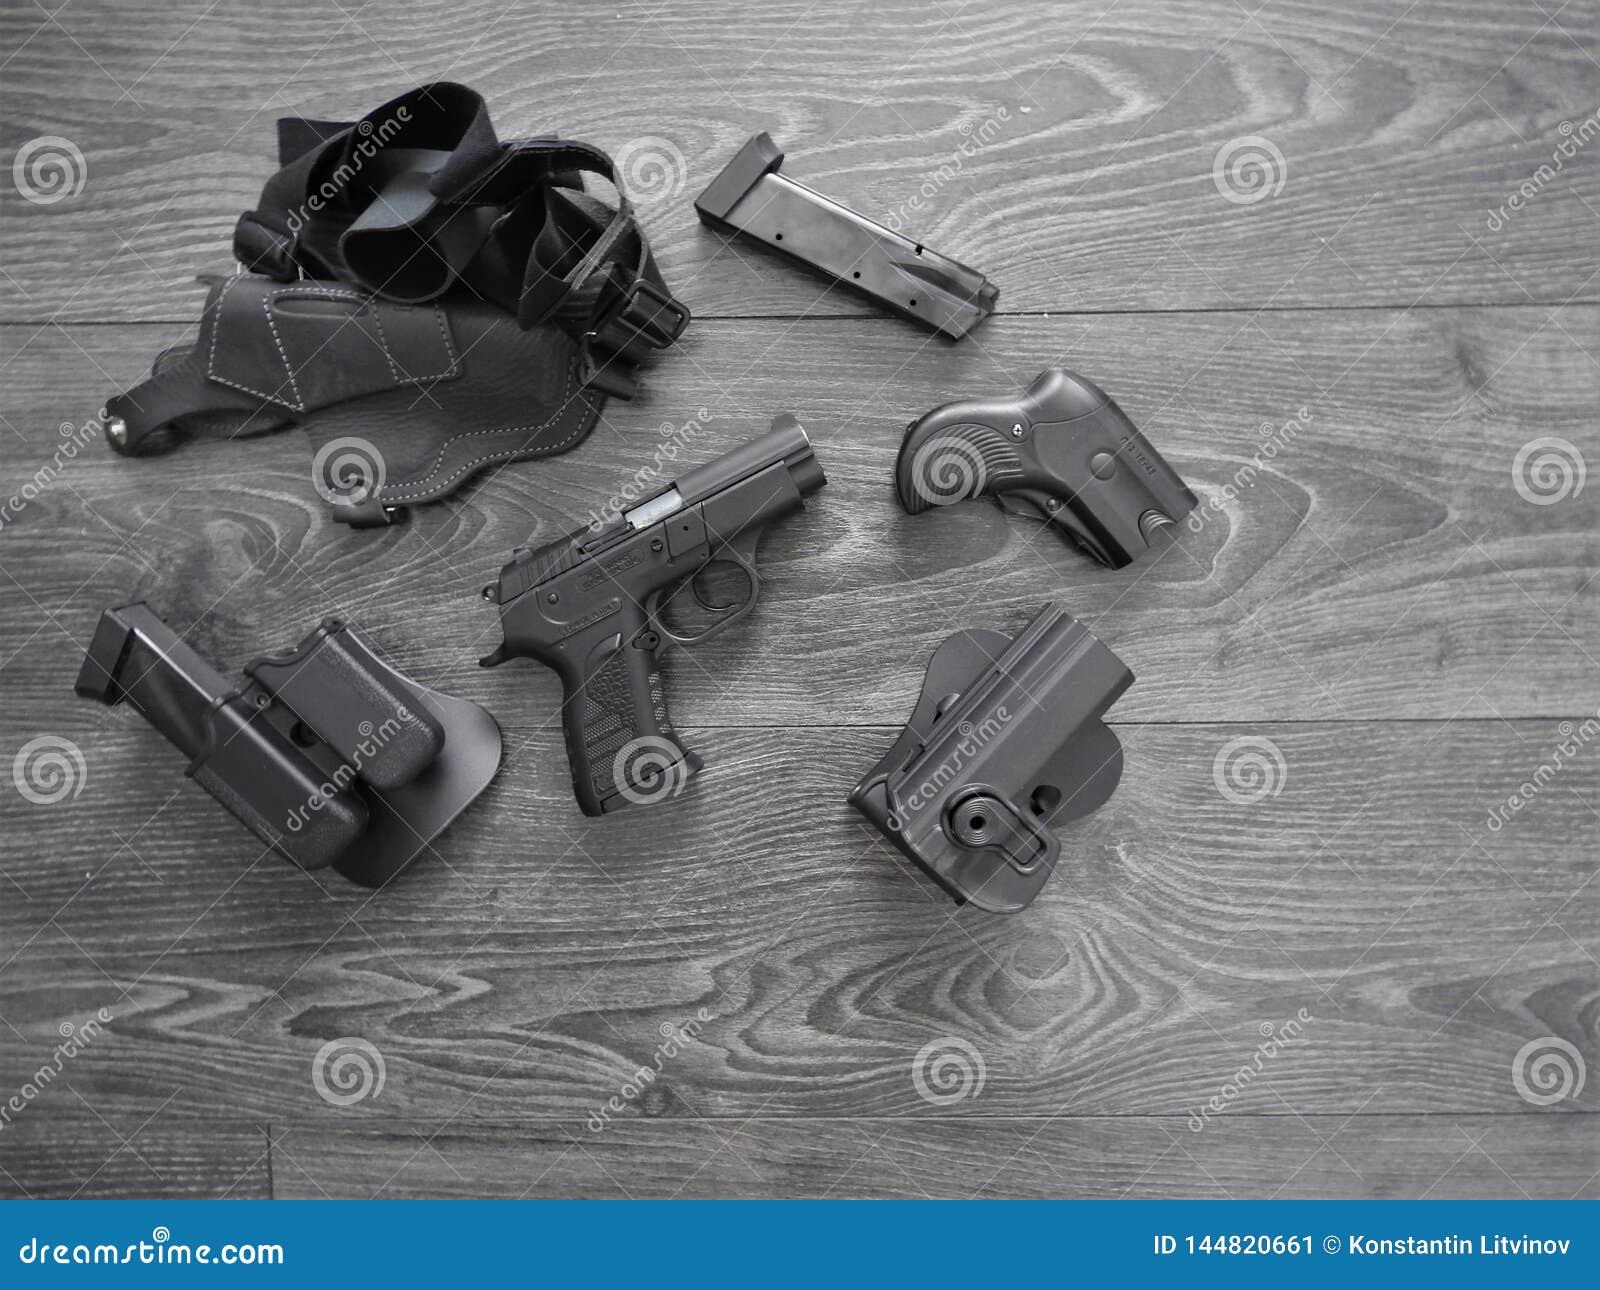 Μαύρες, εφεδρικές περιοδικά πυροβόλων όπλων και πιστολιοθήκη δέρματο